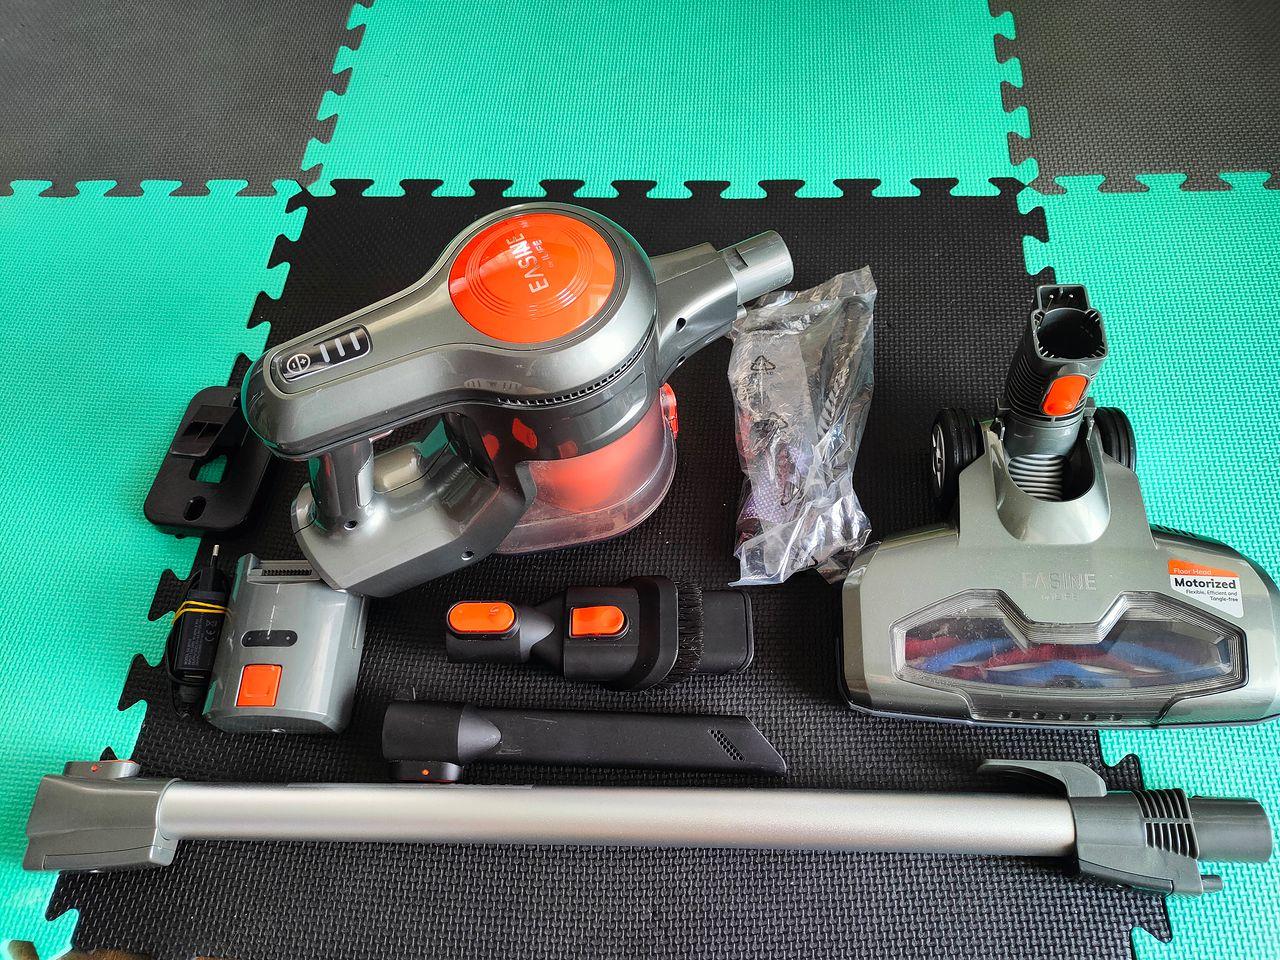 Recenzja EASINE iLife H70 — najlepszy odkurzacz bezprzewodowy do 500 zł?